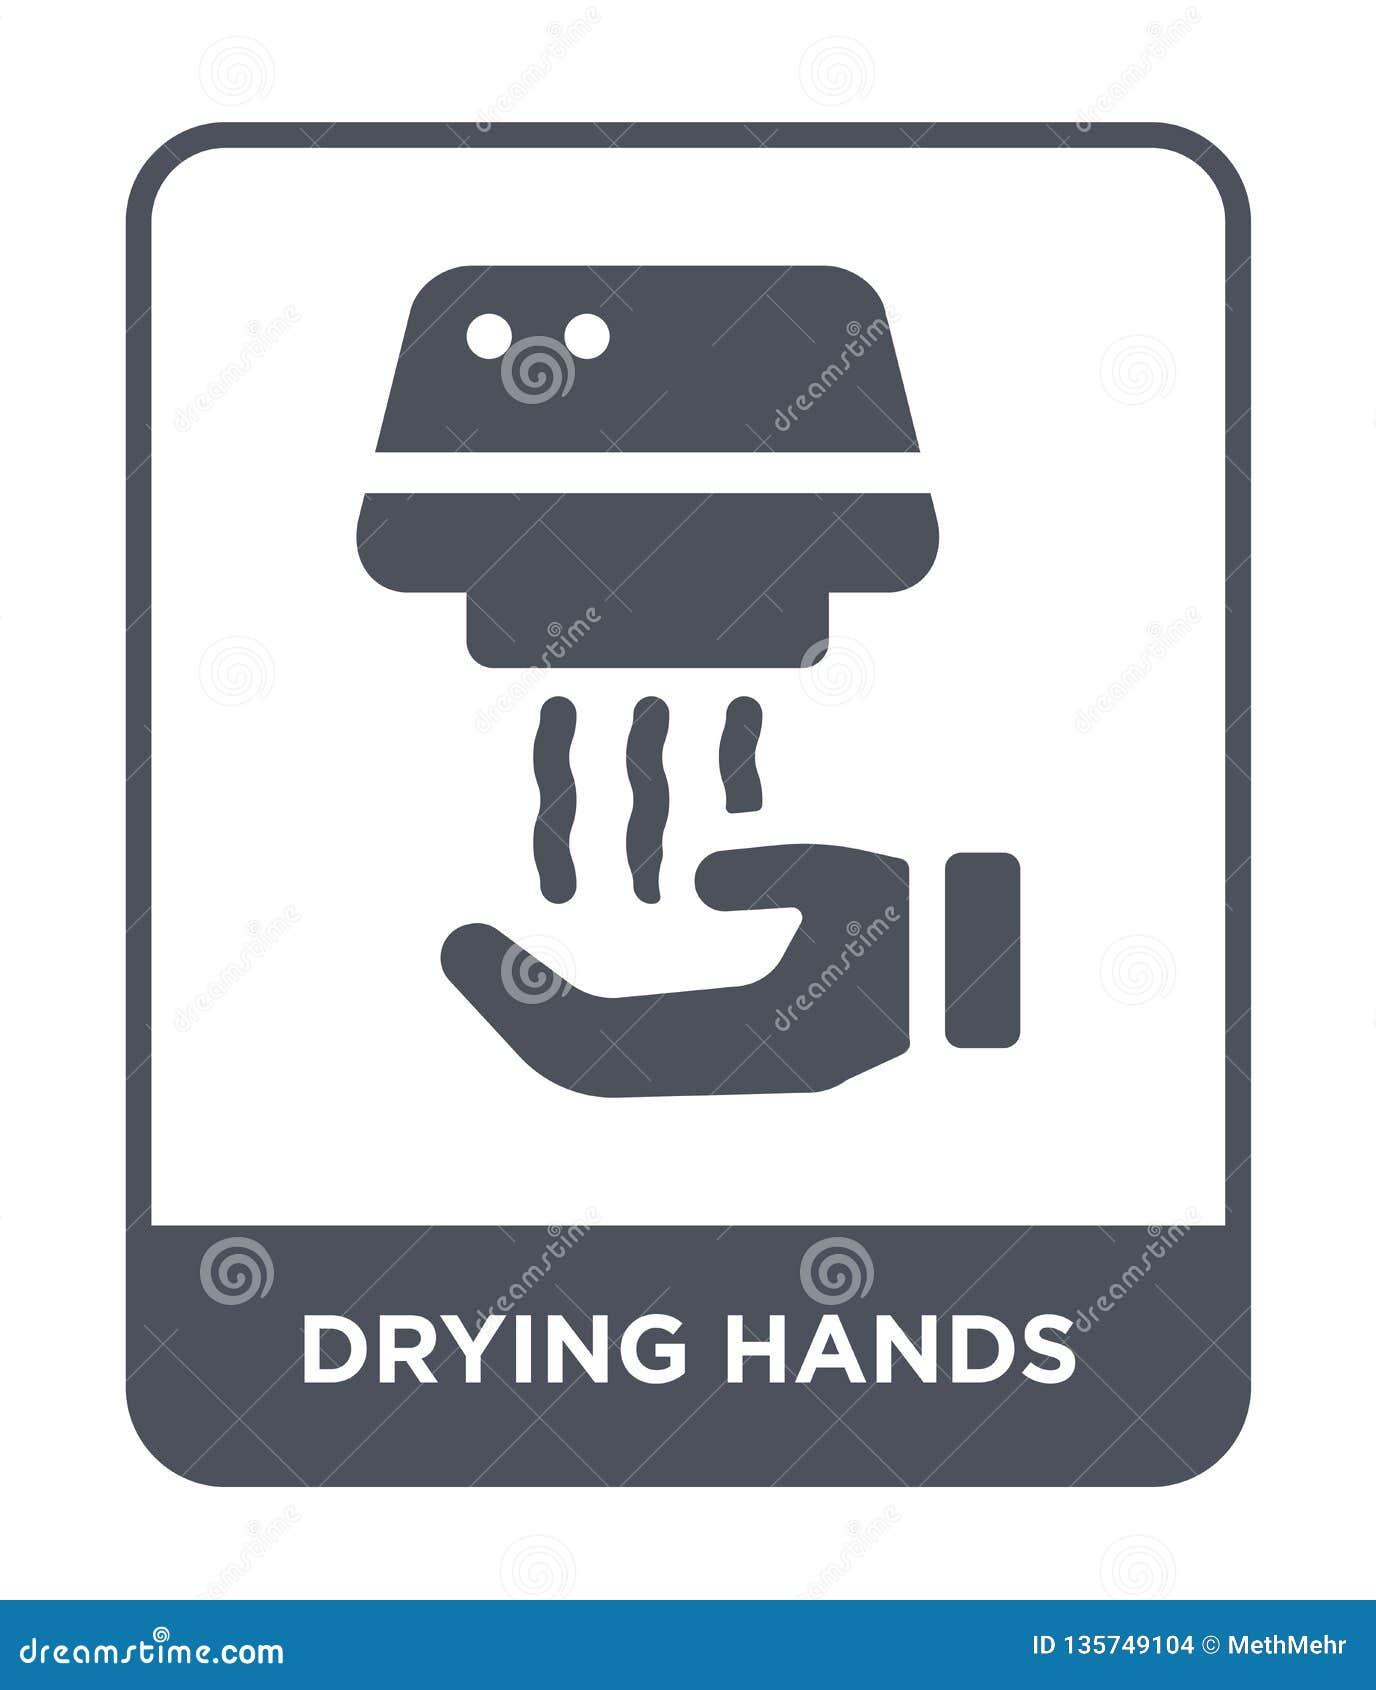 сушить значок рук в ультрамодном стиле дизайна сушащ значок рук изолированный на белой предпосылке сушащ значок вектора рук прост